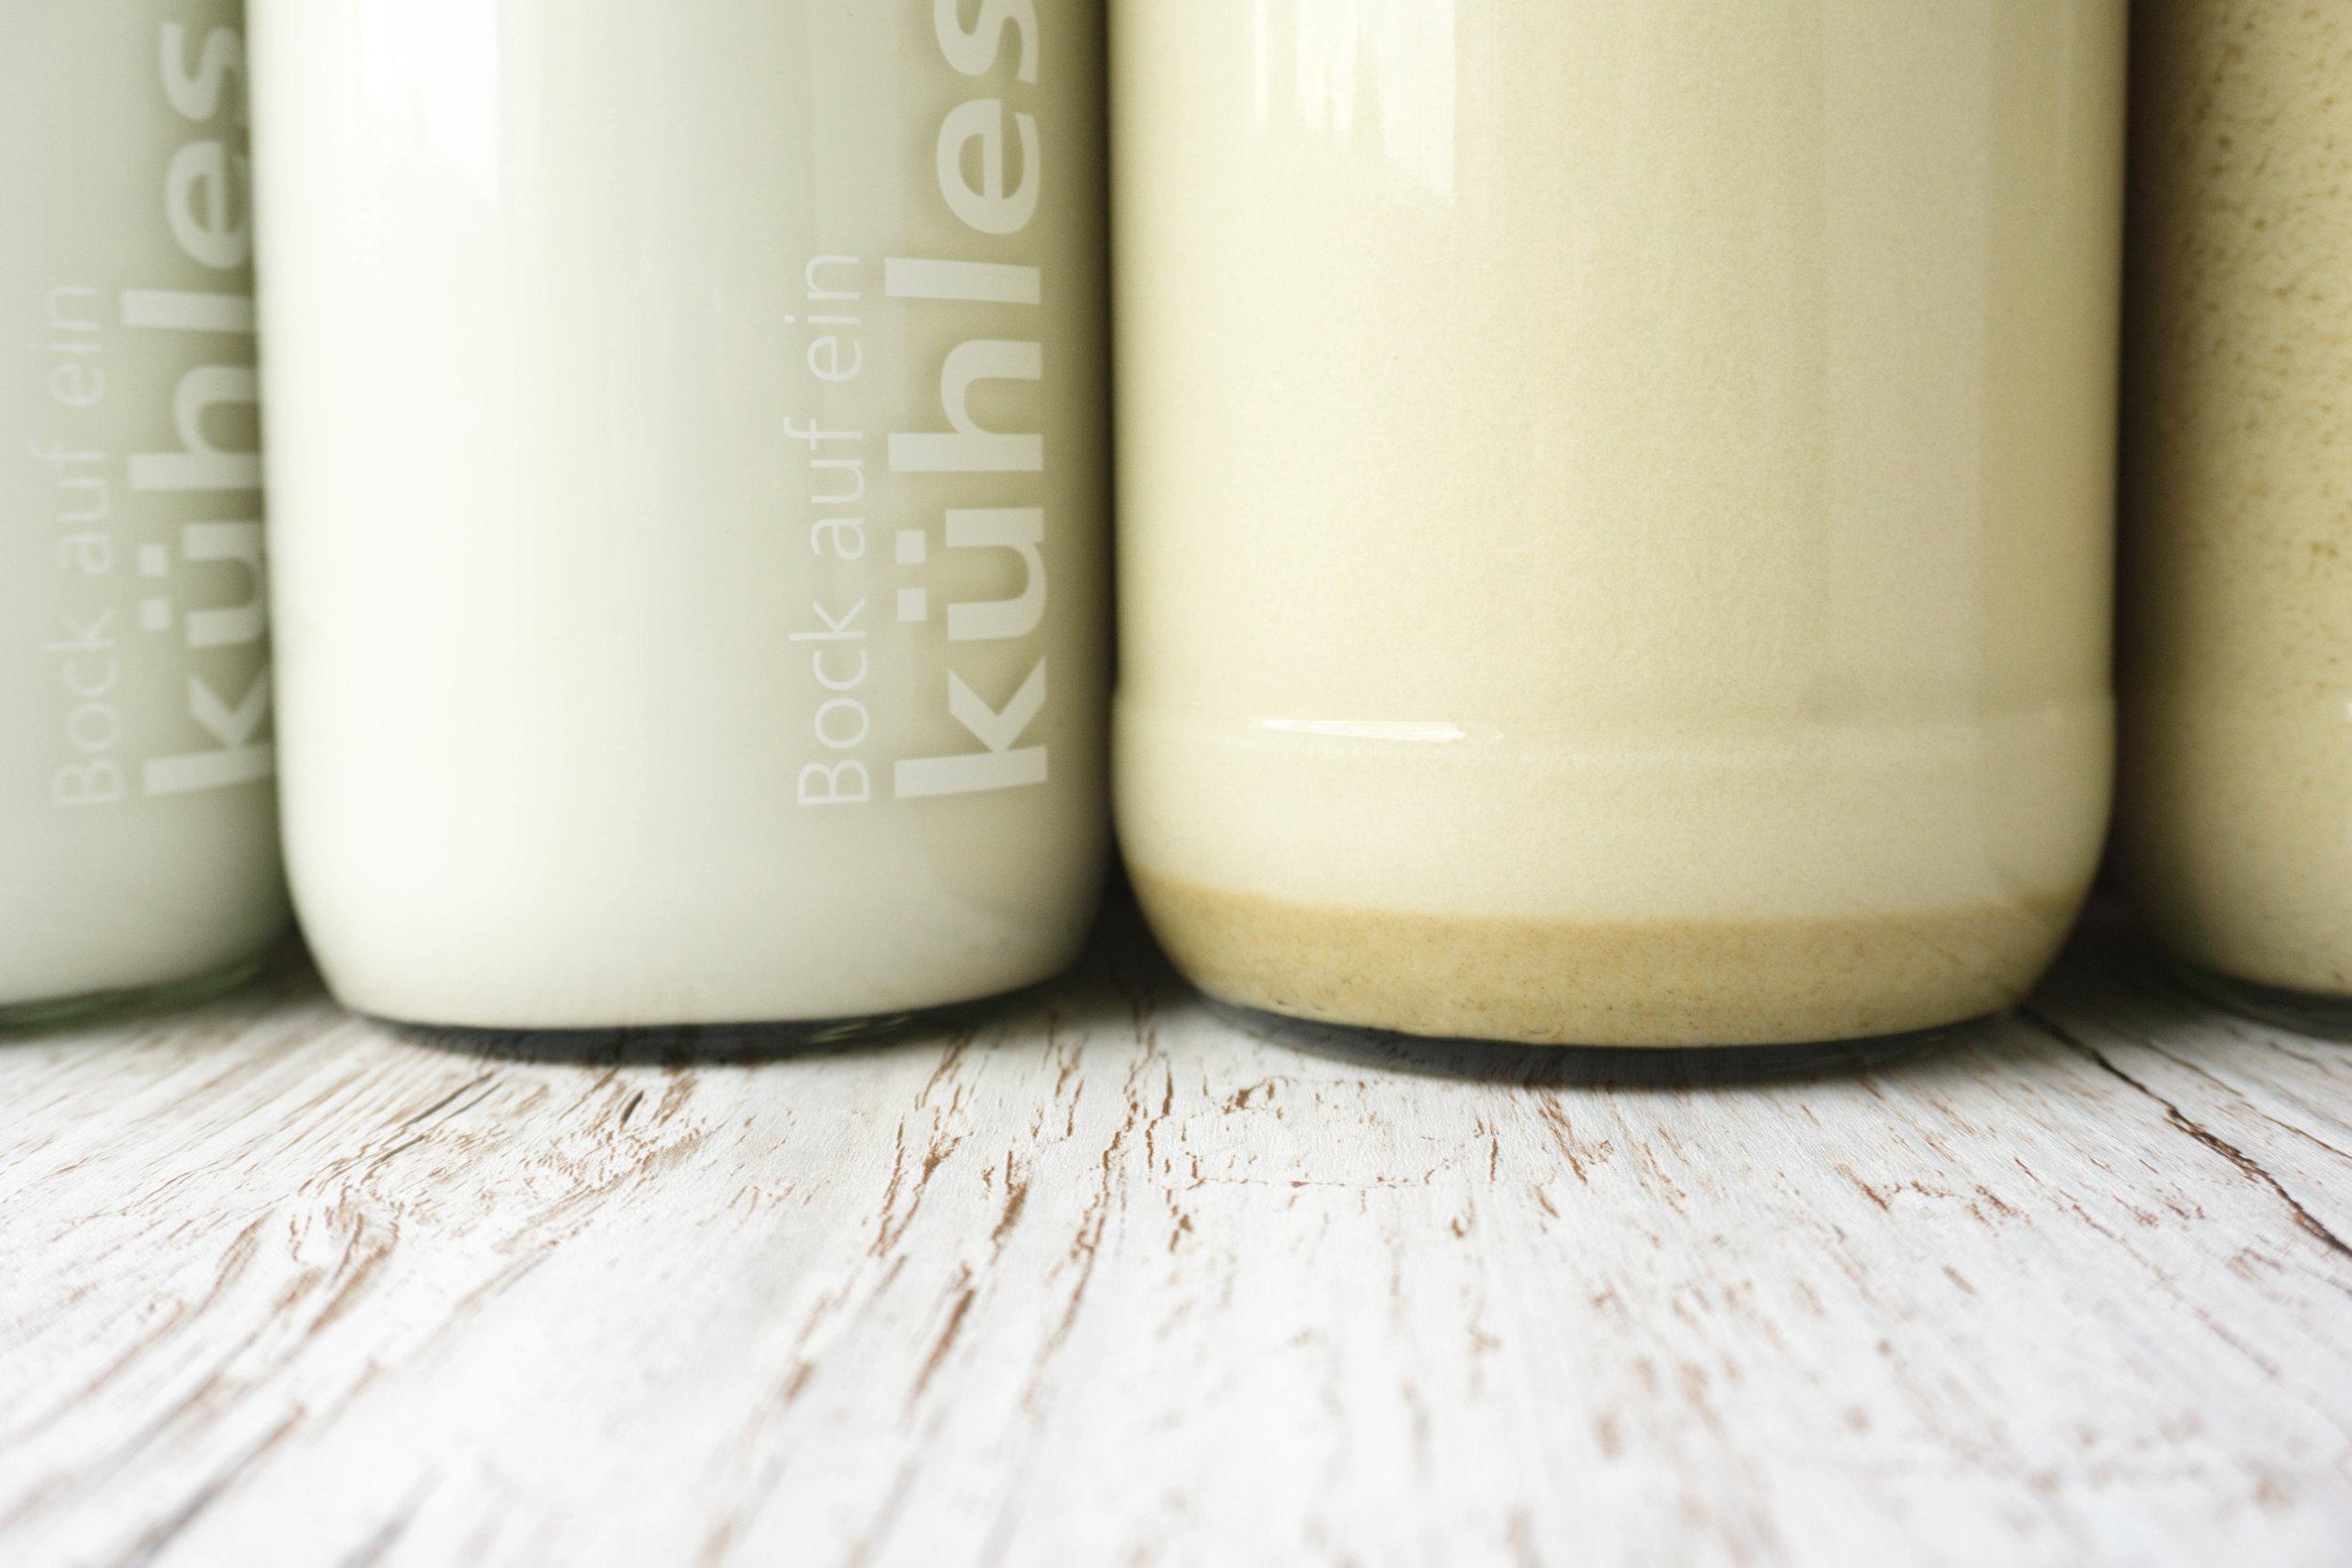 Hier noch mal schön im Vergleich:  Links Cocos- und Cashewmilch (durch ein  Teesieb * gefiltert) und rechts Sesam- und Sonnenblumenmilch (ungefiltert). Bei den beiden komplett ungefilterten Varianten setzt sich unten etwas Nussmus ab, was ich persönlich aber auch nicht schlimm finde. Einfach einmal kräftig schütteln und schon ist die Pflanzenmilch wieder homogen :)